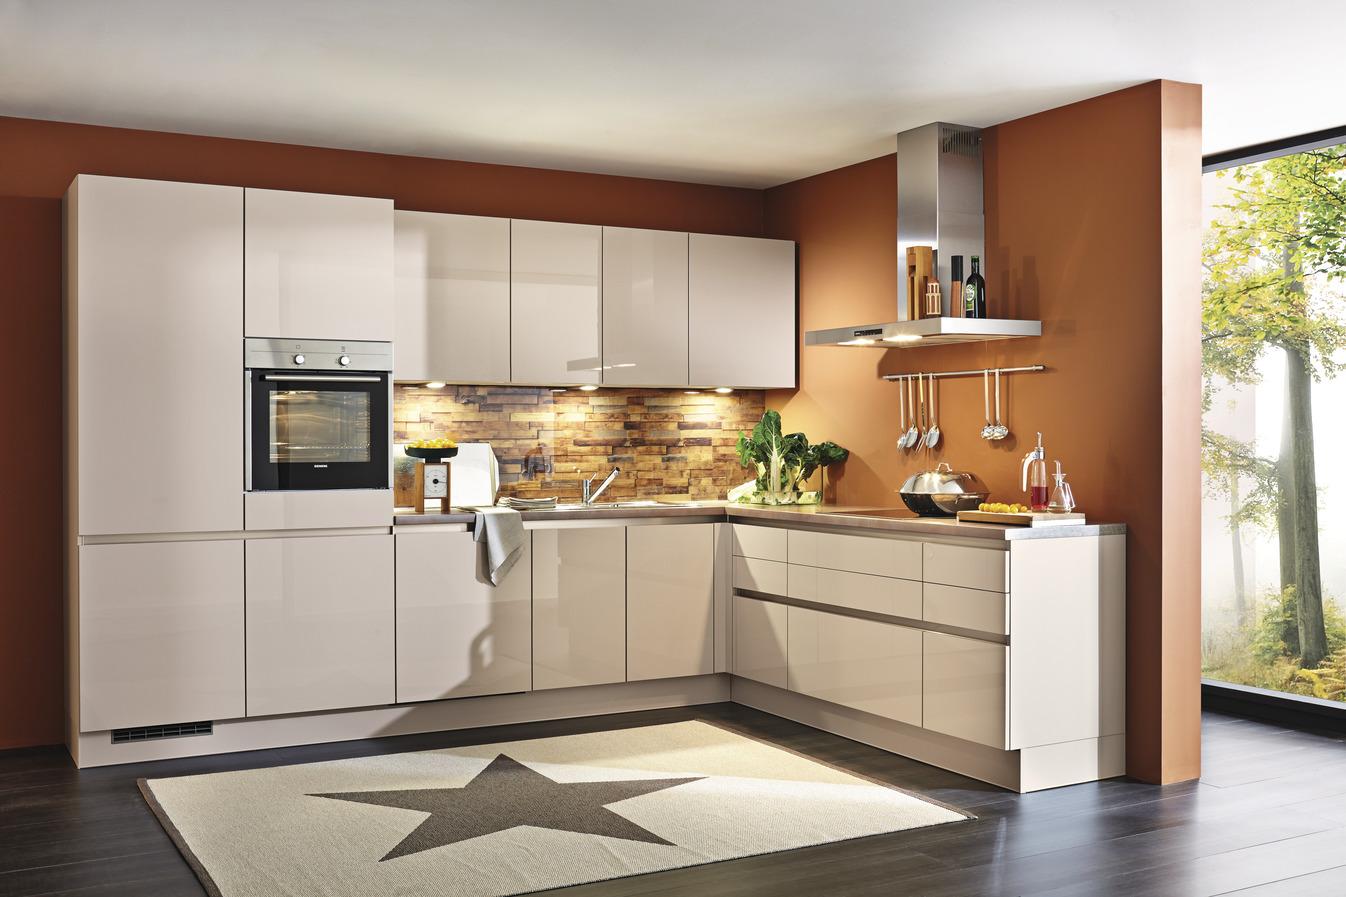 kche inkl aufbau bellvita silverline wasserbett inkl lieferung aufbau durch cm with kche inkl. Black Bedroom Furniture Sets. Home Design Ideas